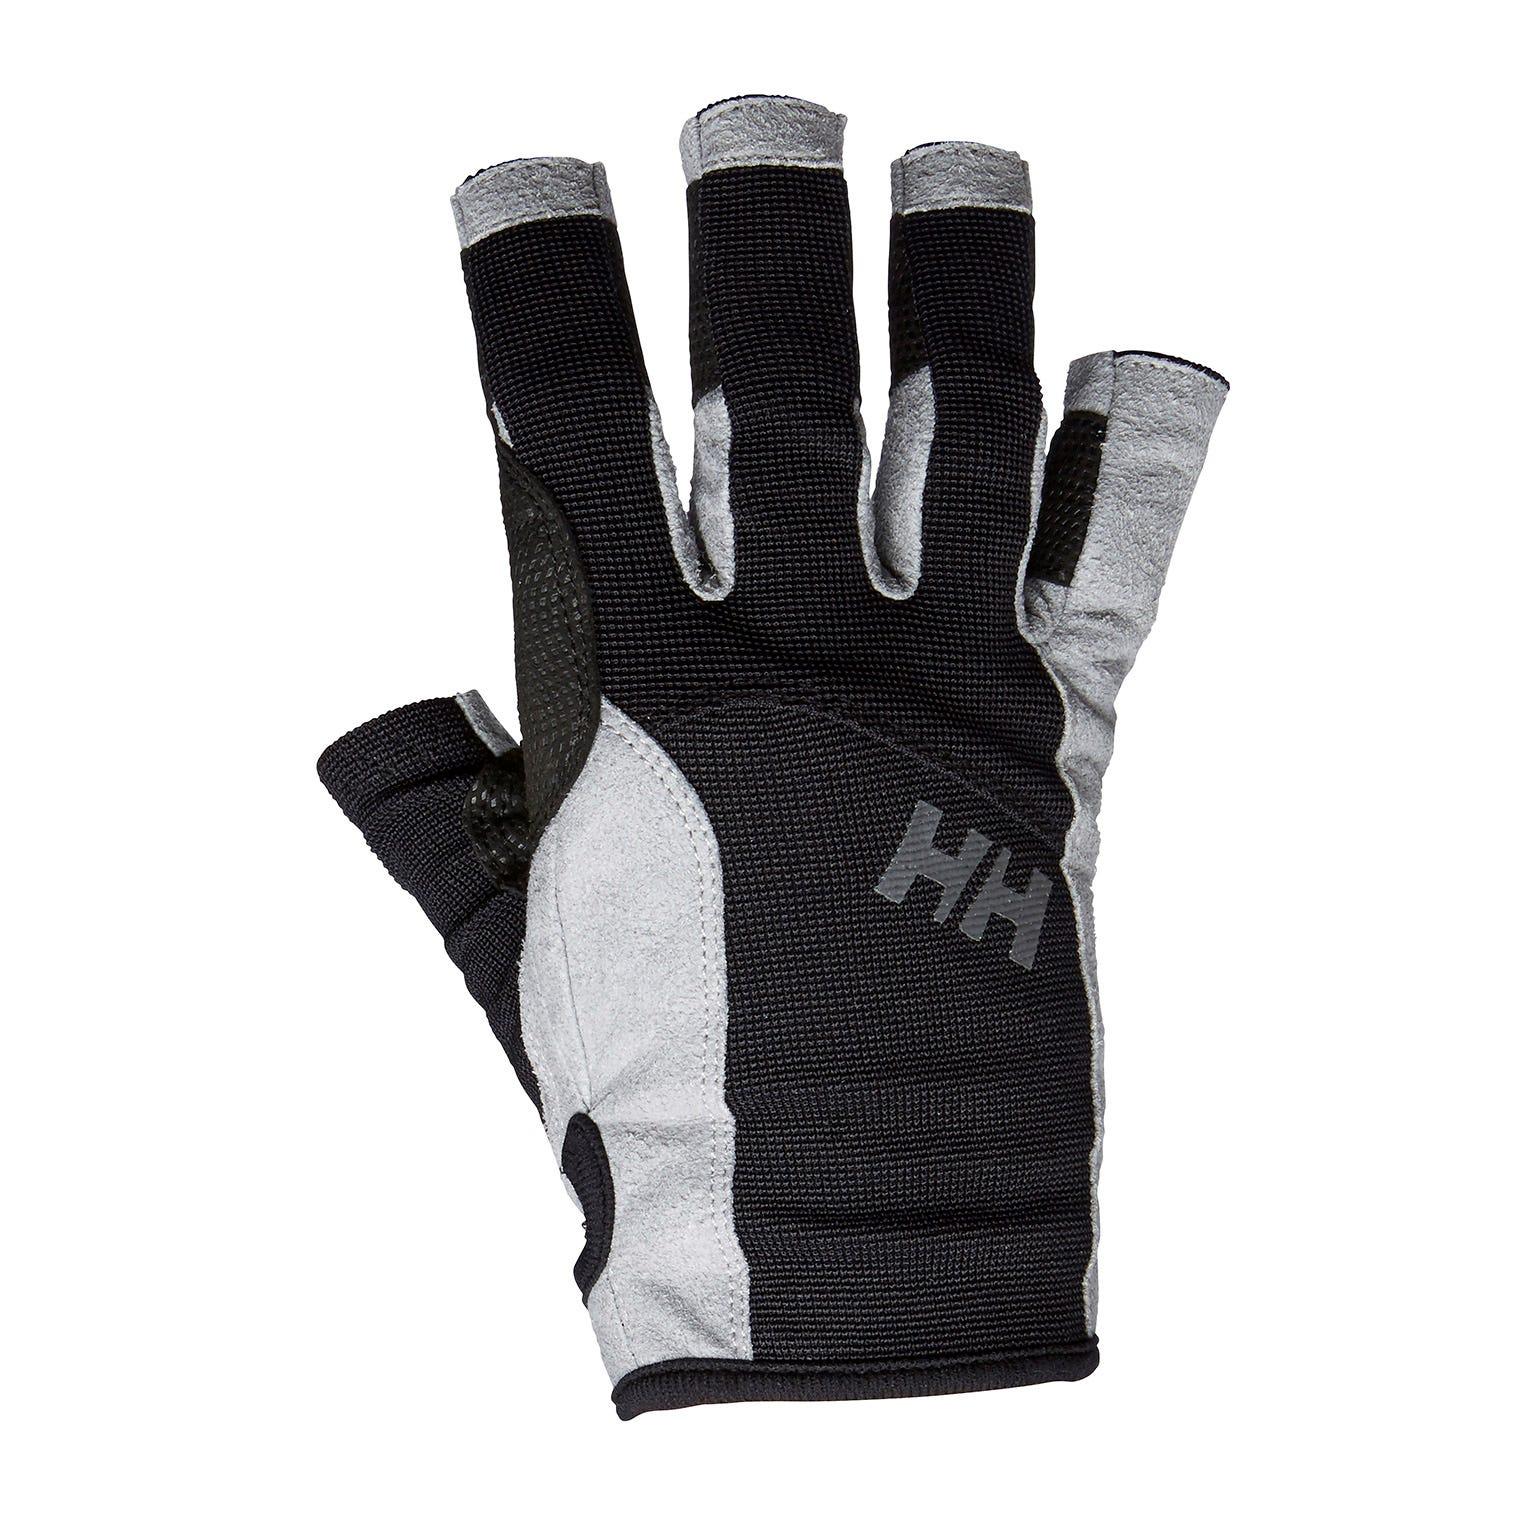 Helly Hansen Sailing Glove Short Black XS